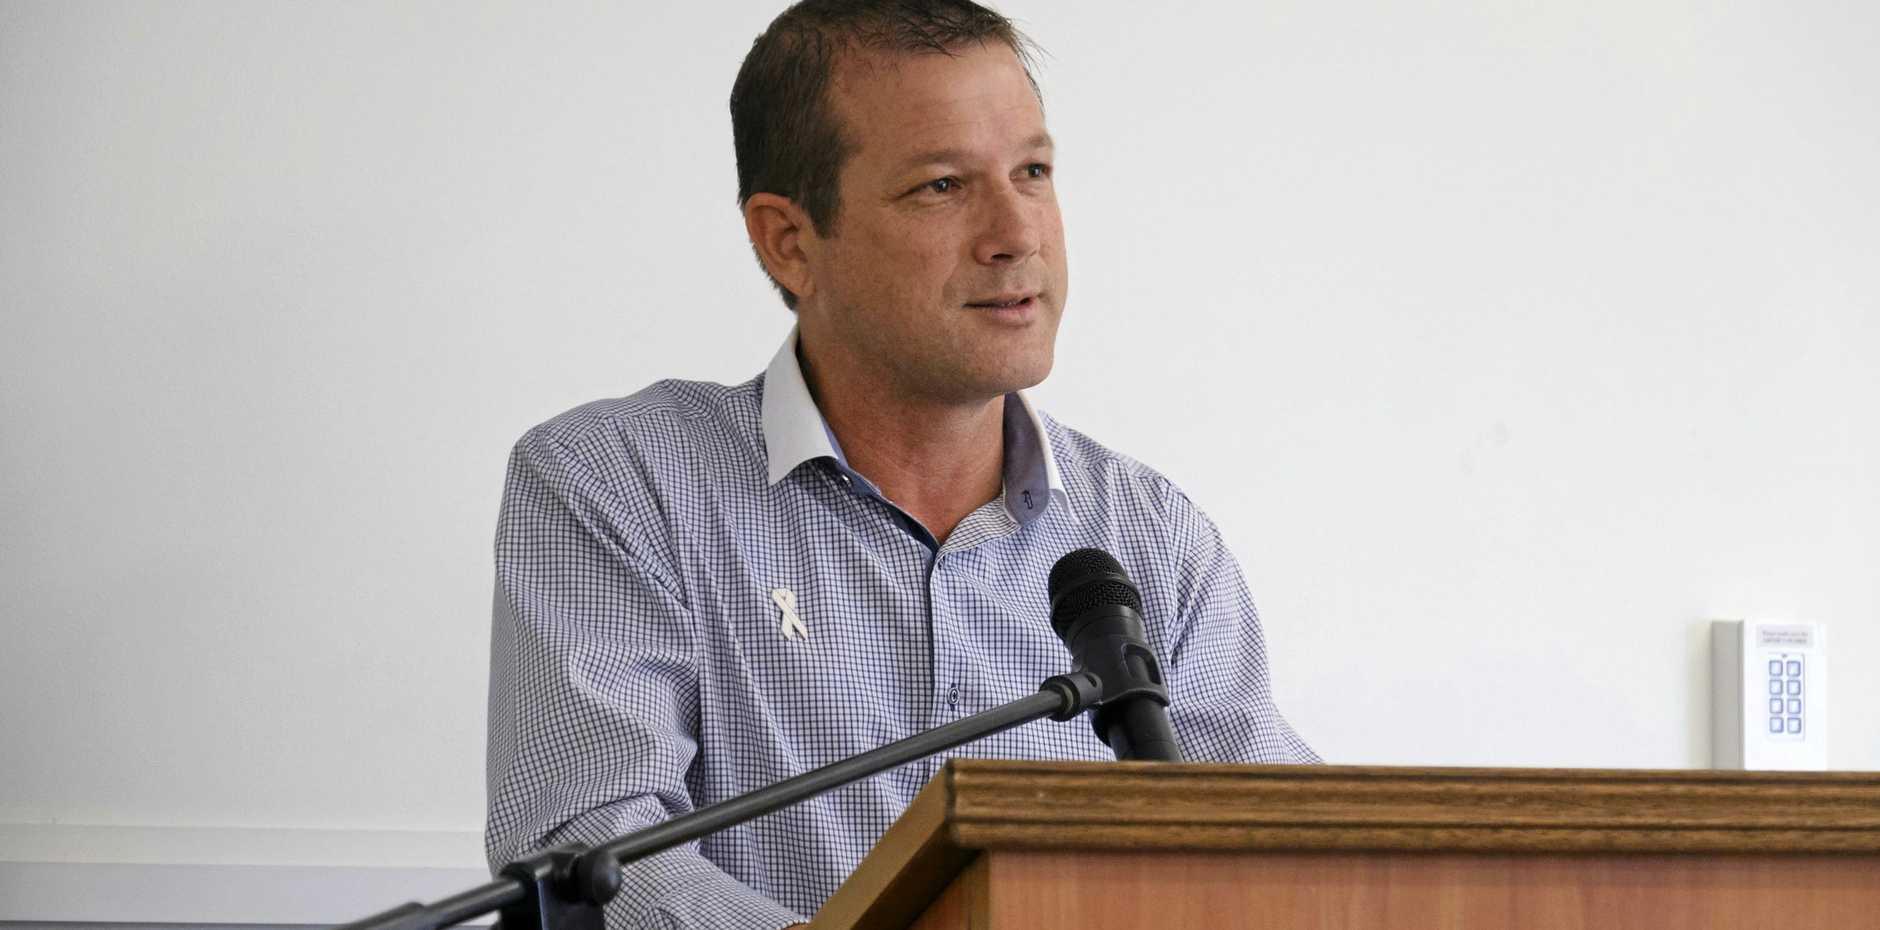 State Member for Bundaberg David Batt.